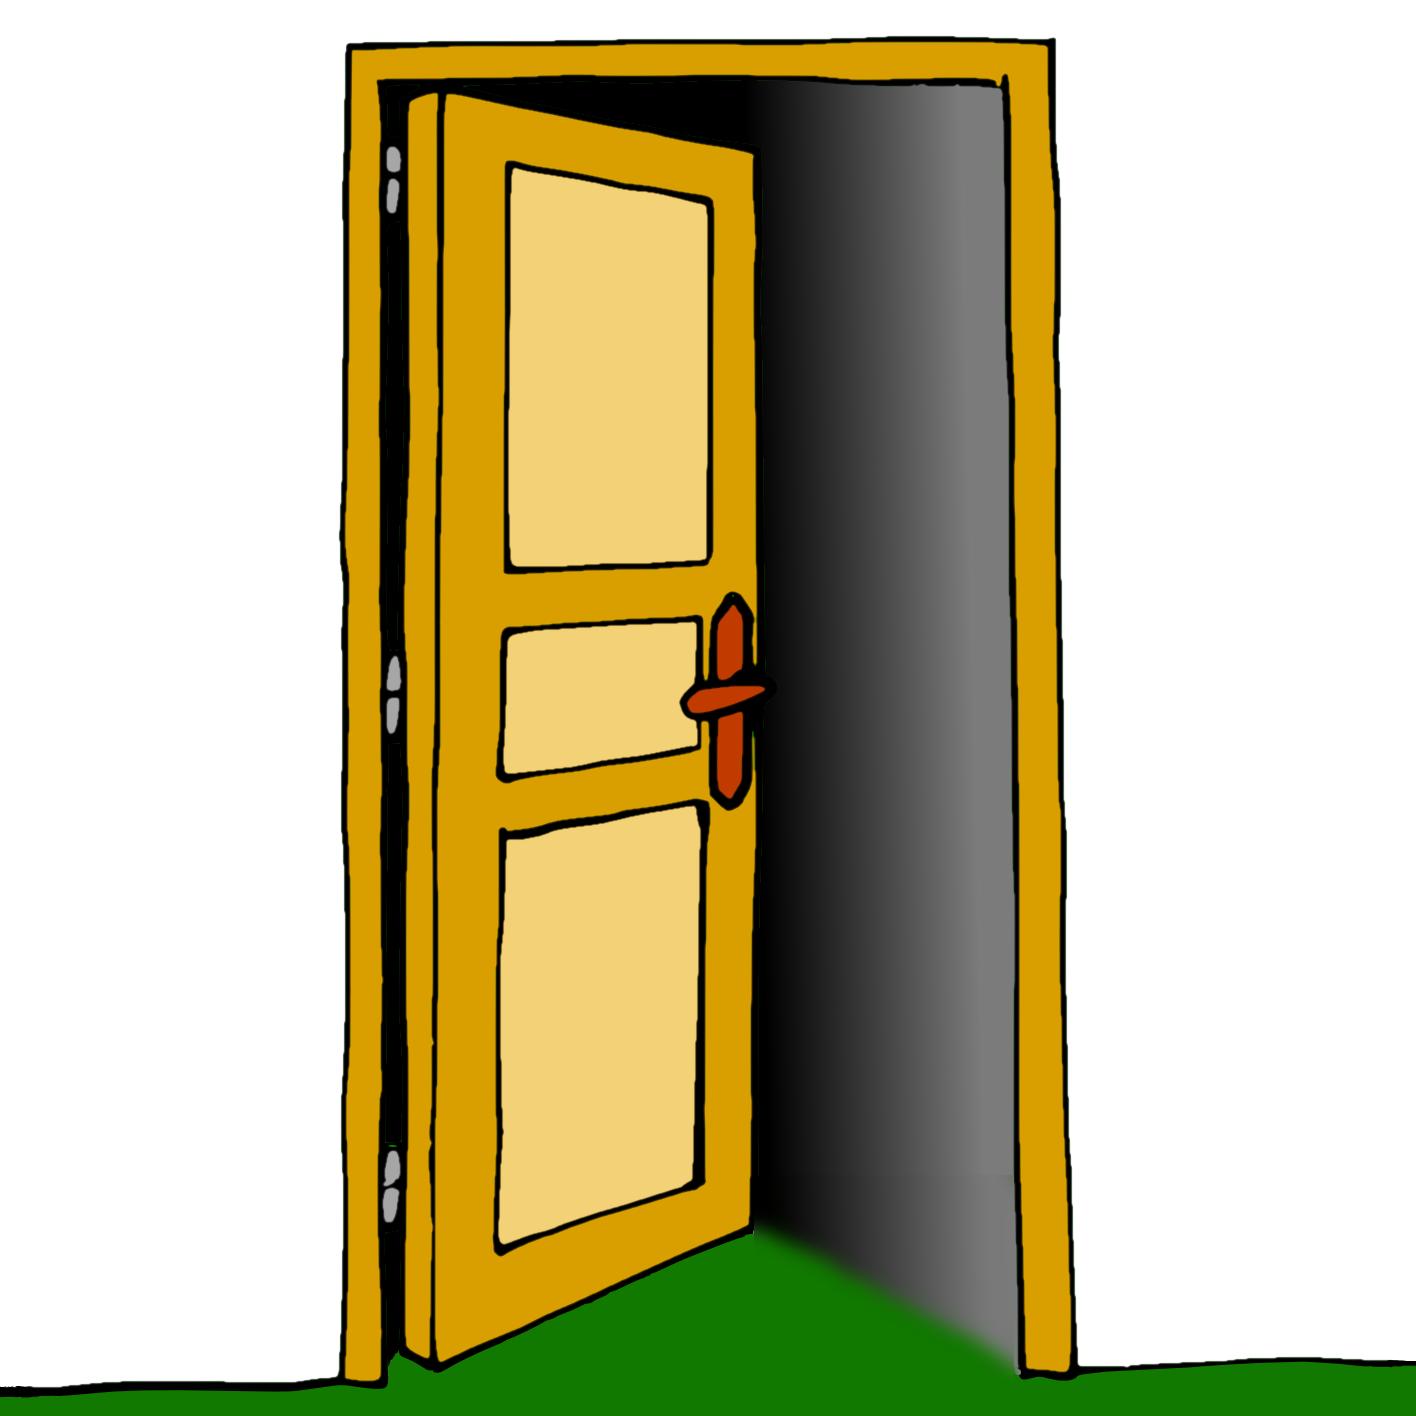 Ressources ducatives libres les for Porte ouverte dessin